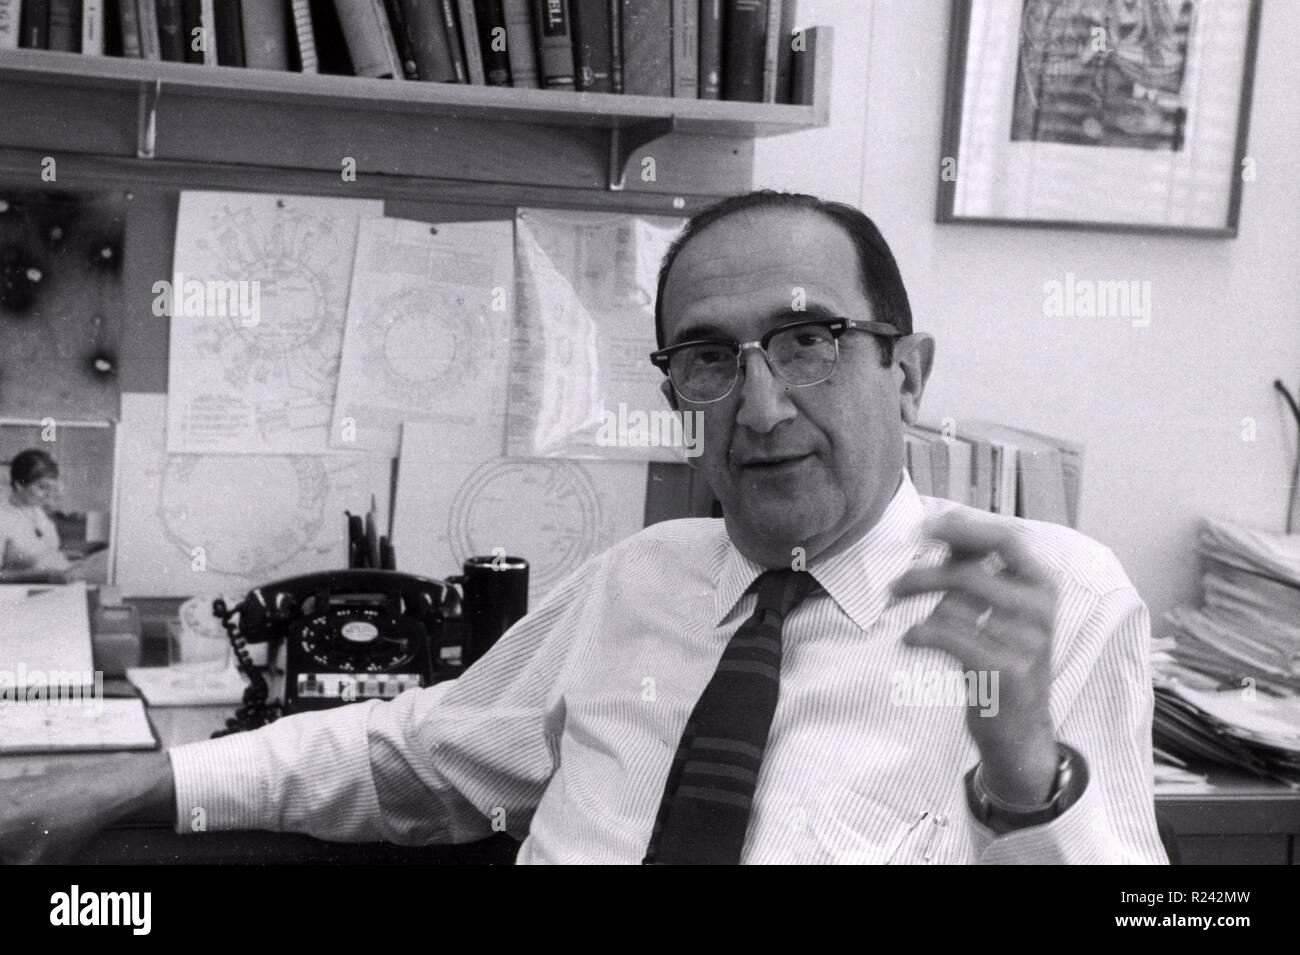 Salvador Luria in seinem Büro am MIT in Boston 1967. Salvador Edward Luria (1912 - 1991) Italienische Genetik Forscher und Mikrobiologe, später ein eingebürgerter amerikanischer Staatsbürger. Er gewann den Nobelpreis für Physiologie oder Medizin 1969 Stockfoto